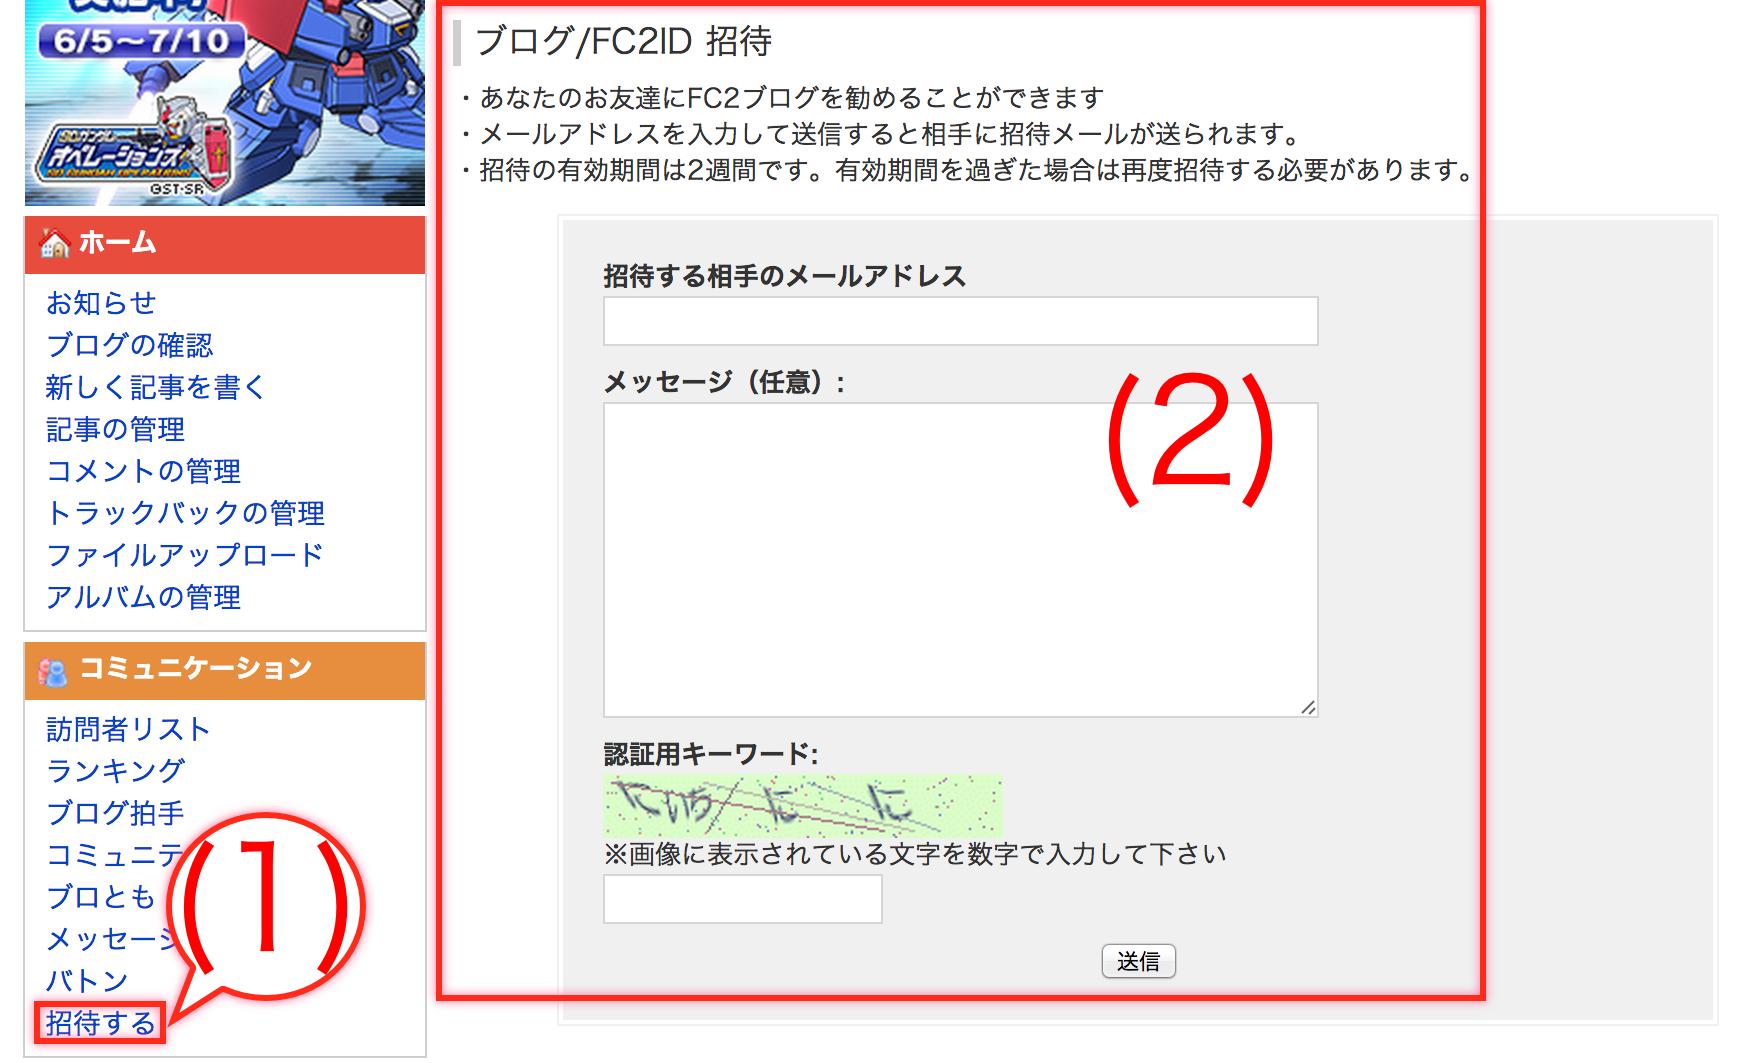 FC2ブログの使い方(詳細な全機能解説)17